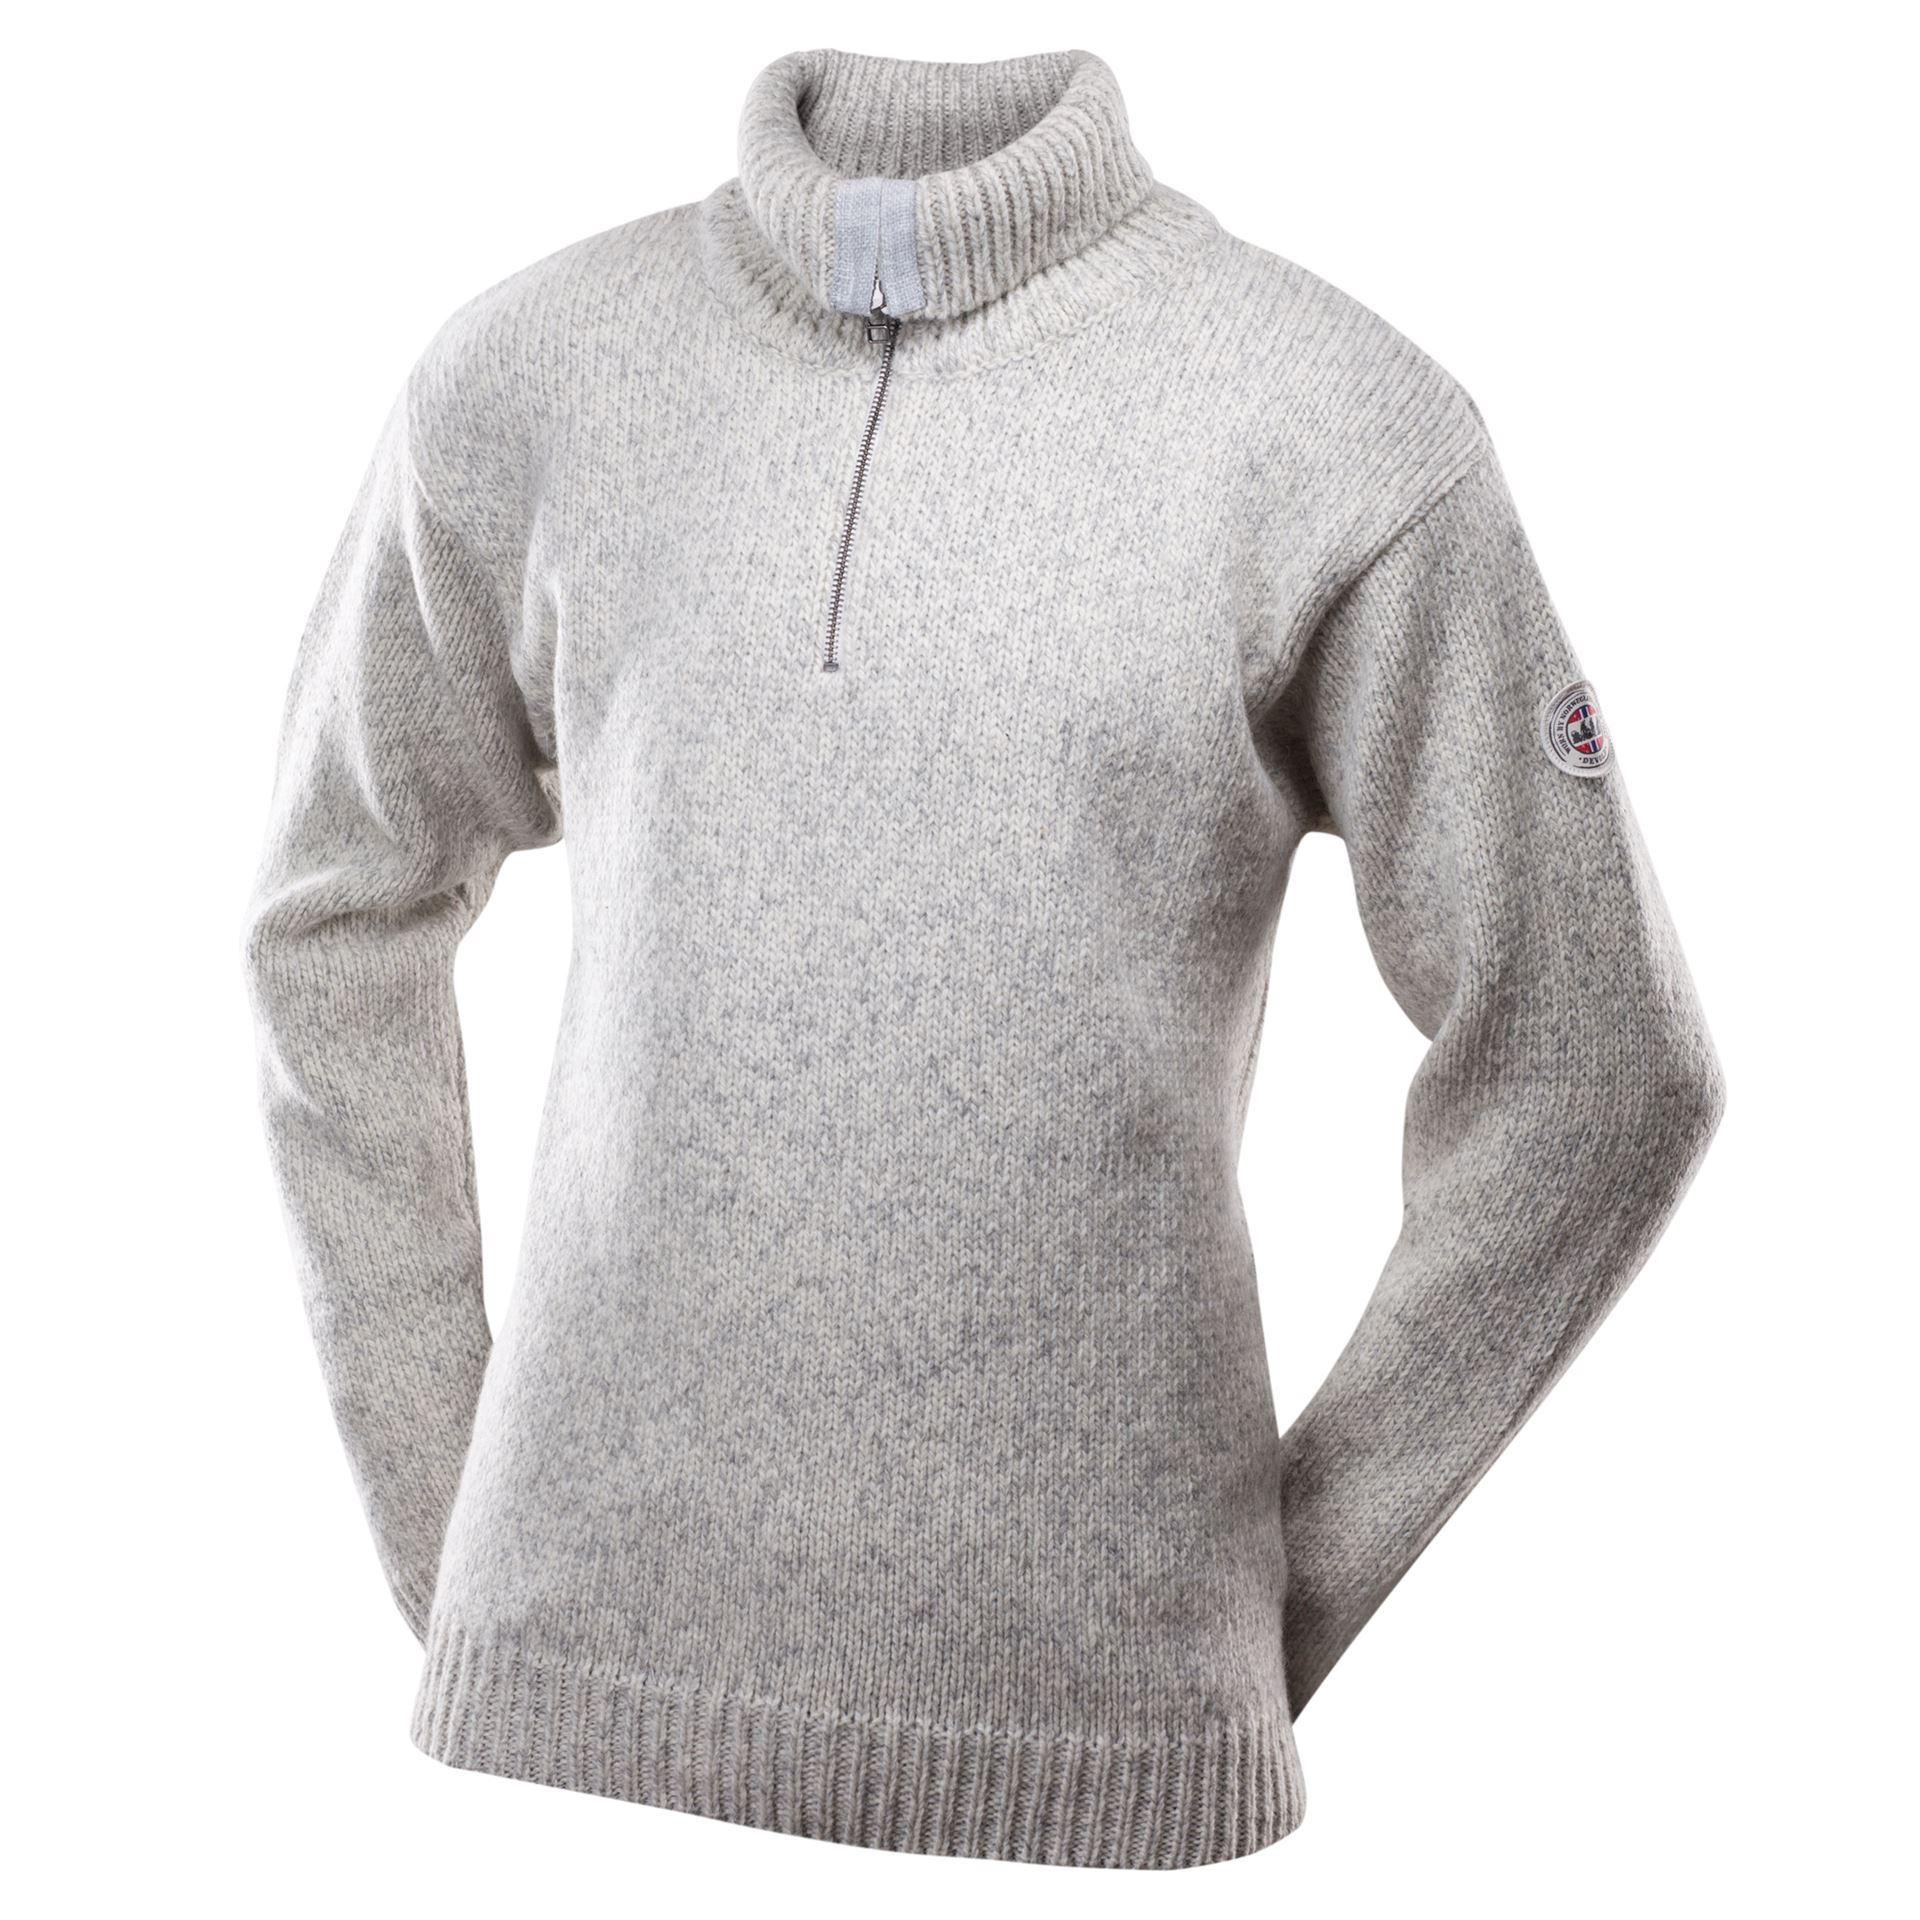 Bilde av Devold Nansen Sweater zip neck